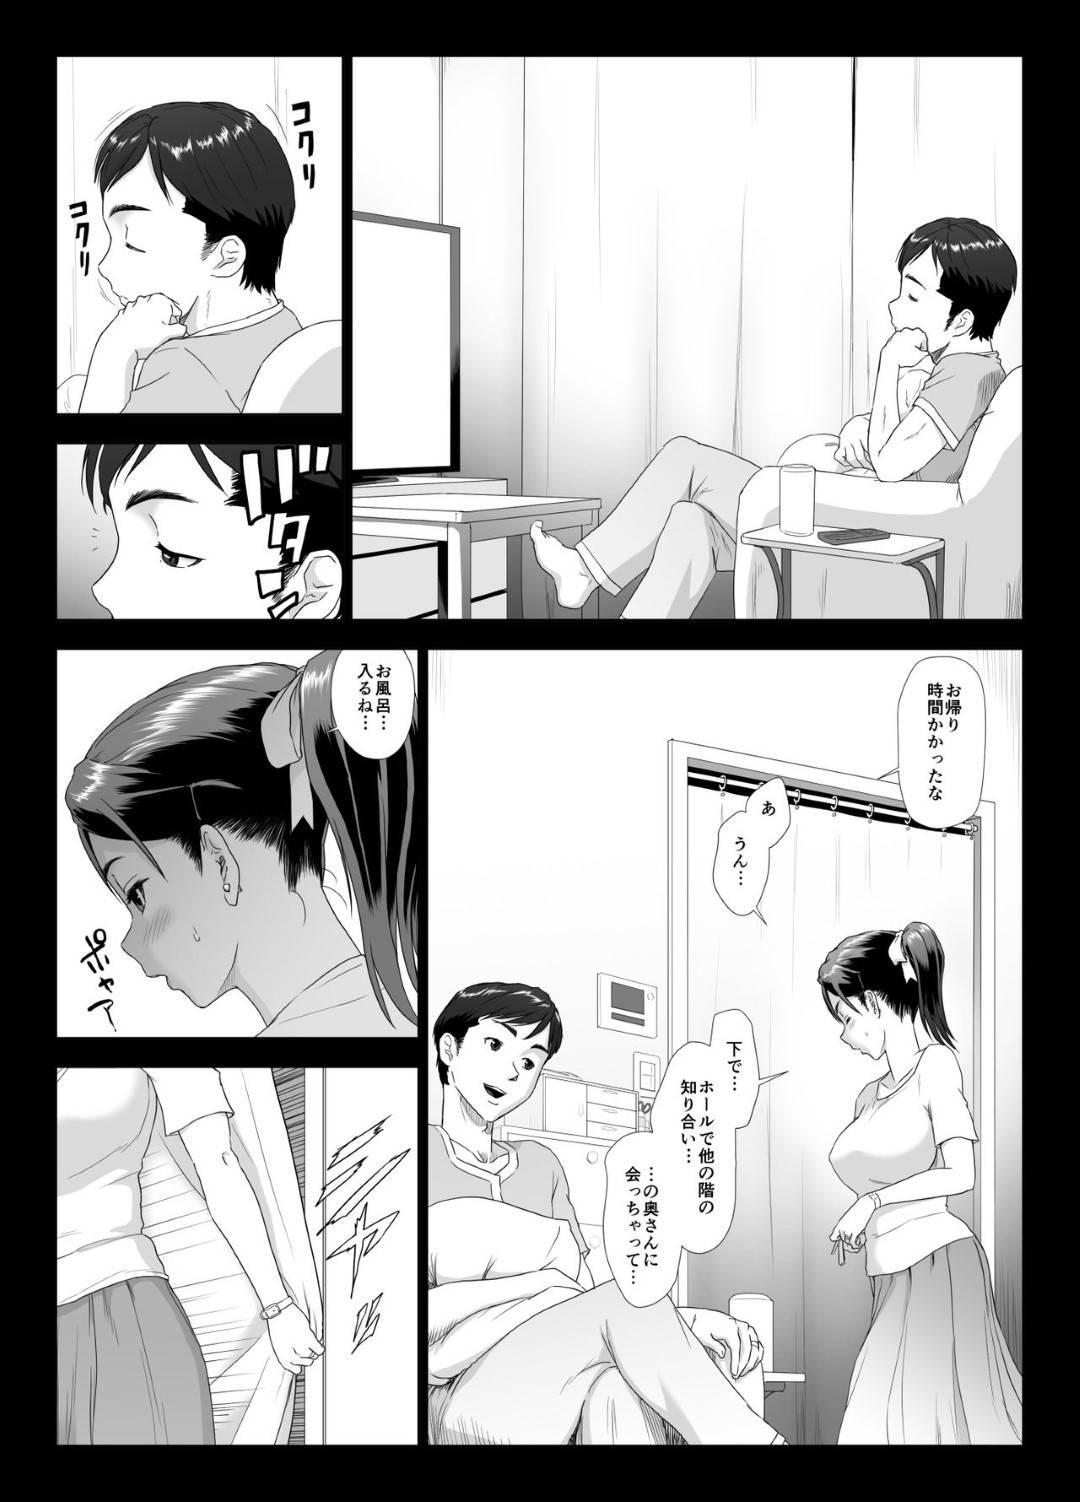 【不倫妻エロ漫画】夫の後輩と関係を持ってしまった美来は、後輩に呼び出され家で中出しセックスされるとセックスの快感を知ってしまう【GUNsRYU】